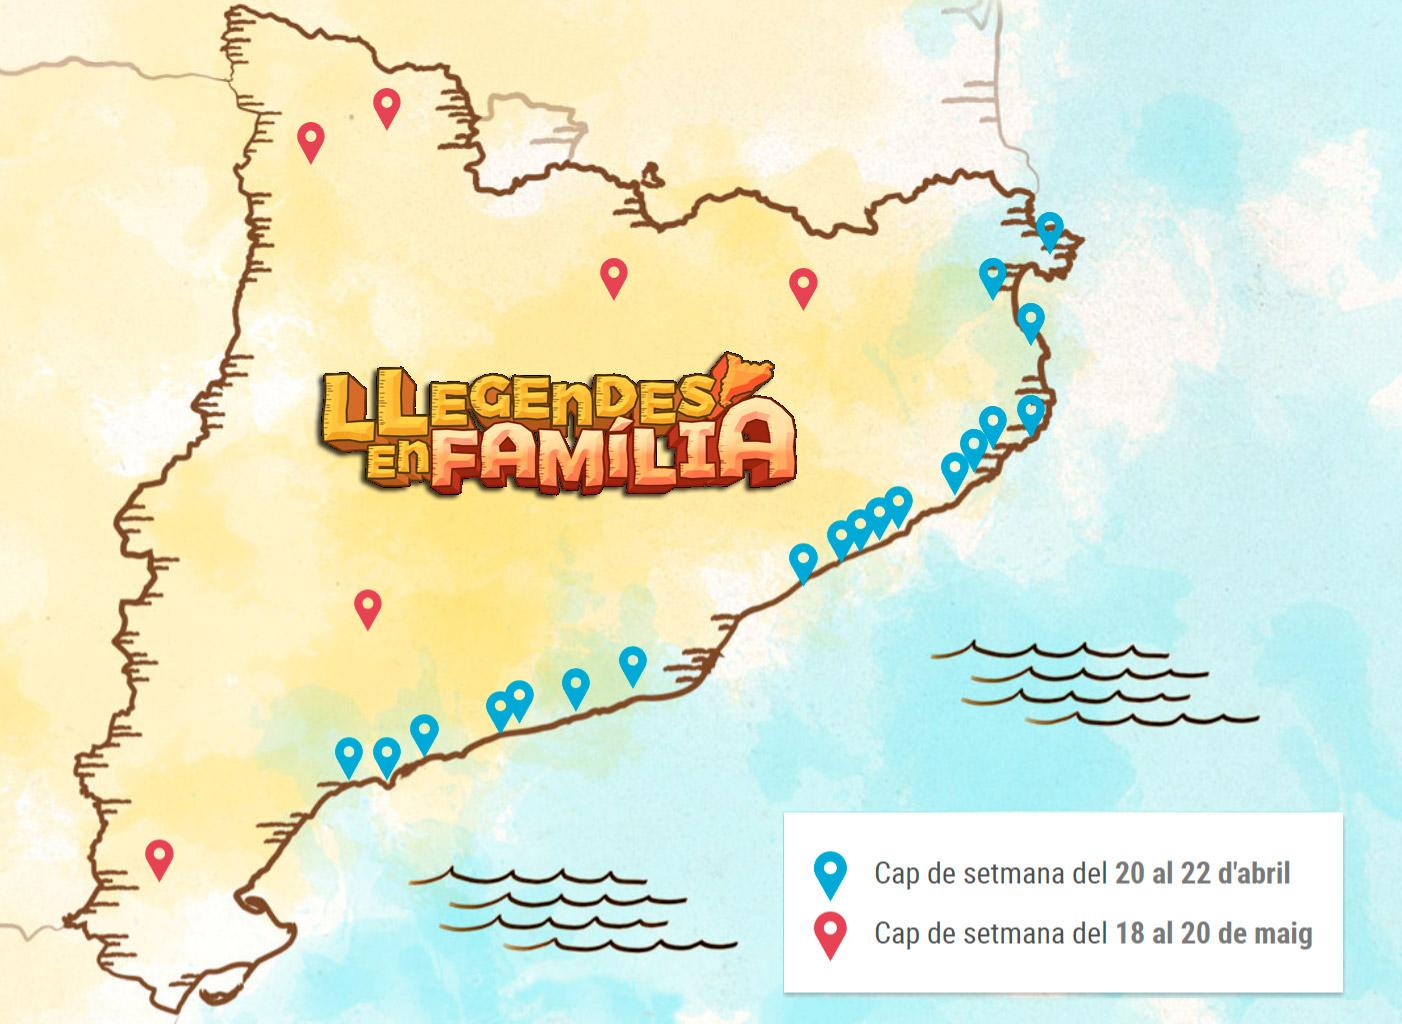 Mapa de Llegendes en família